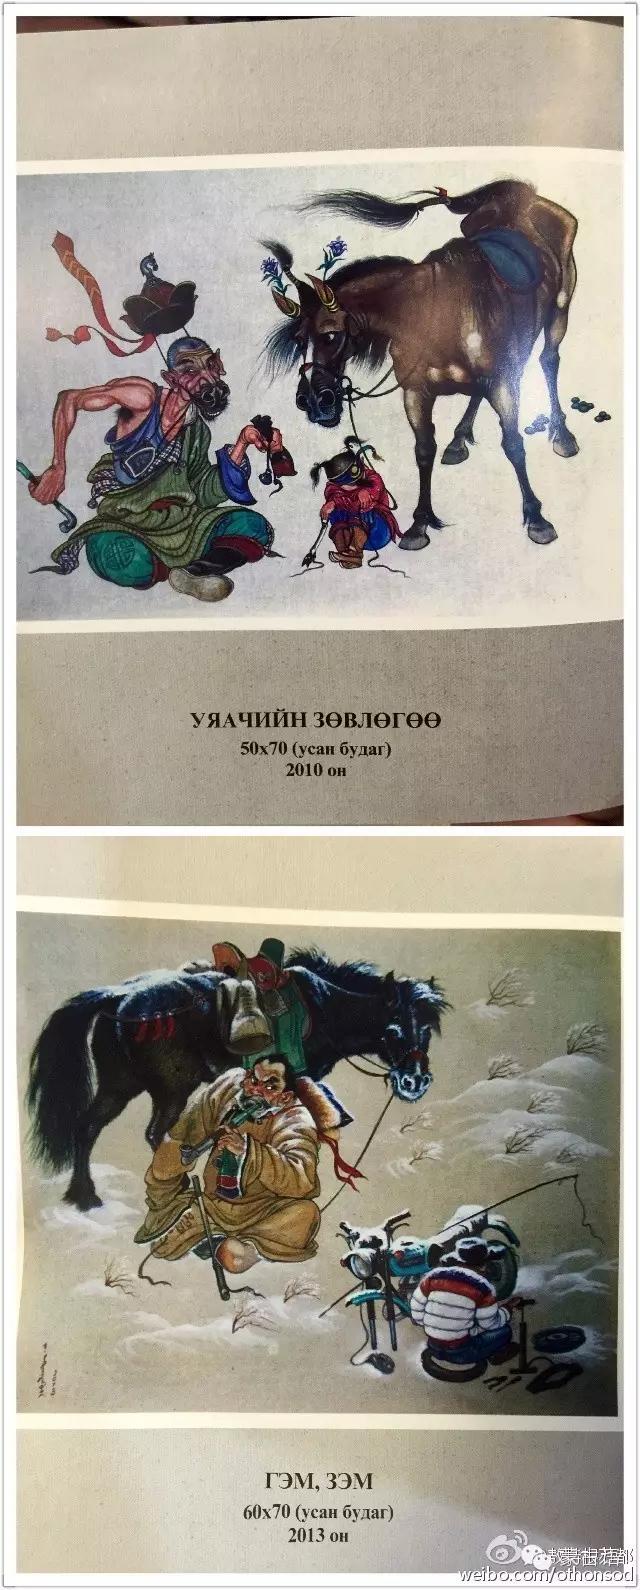 蒙古画家都仁图古斯作品欣赏 第3张